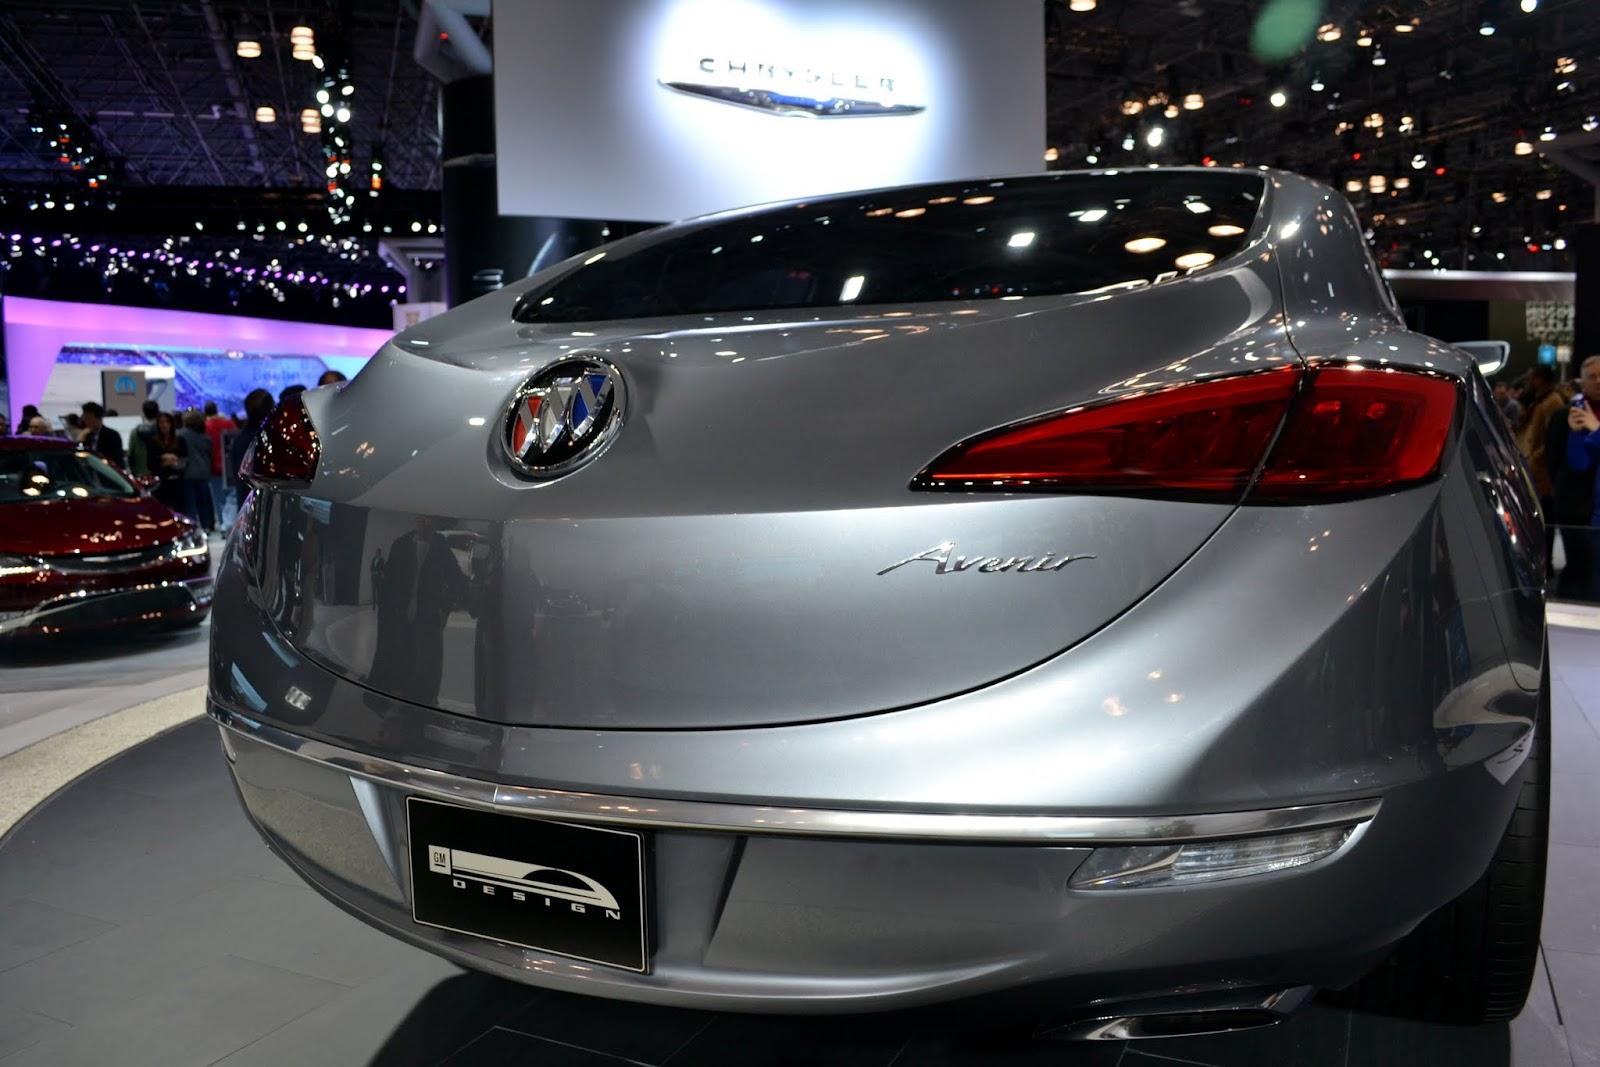 Buick Avenir (концепт). Ежегодное автошоу в Нью-Йорке - 2015 (New York International Auto Show - 2015)